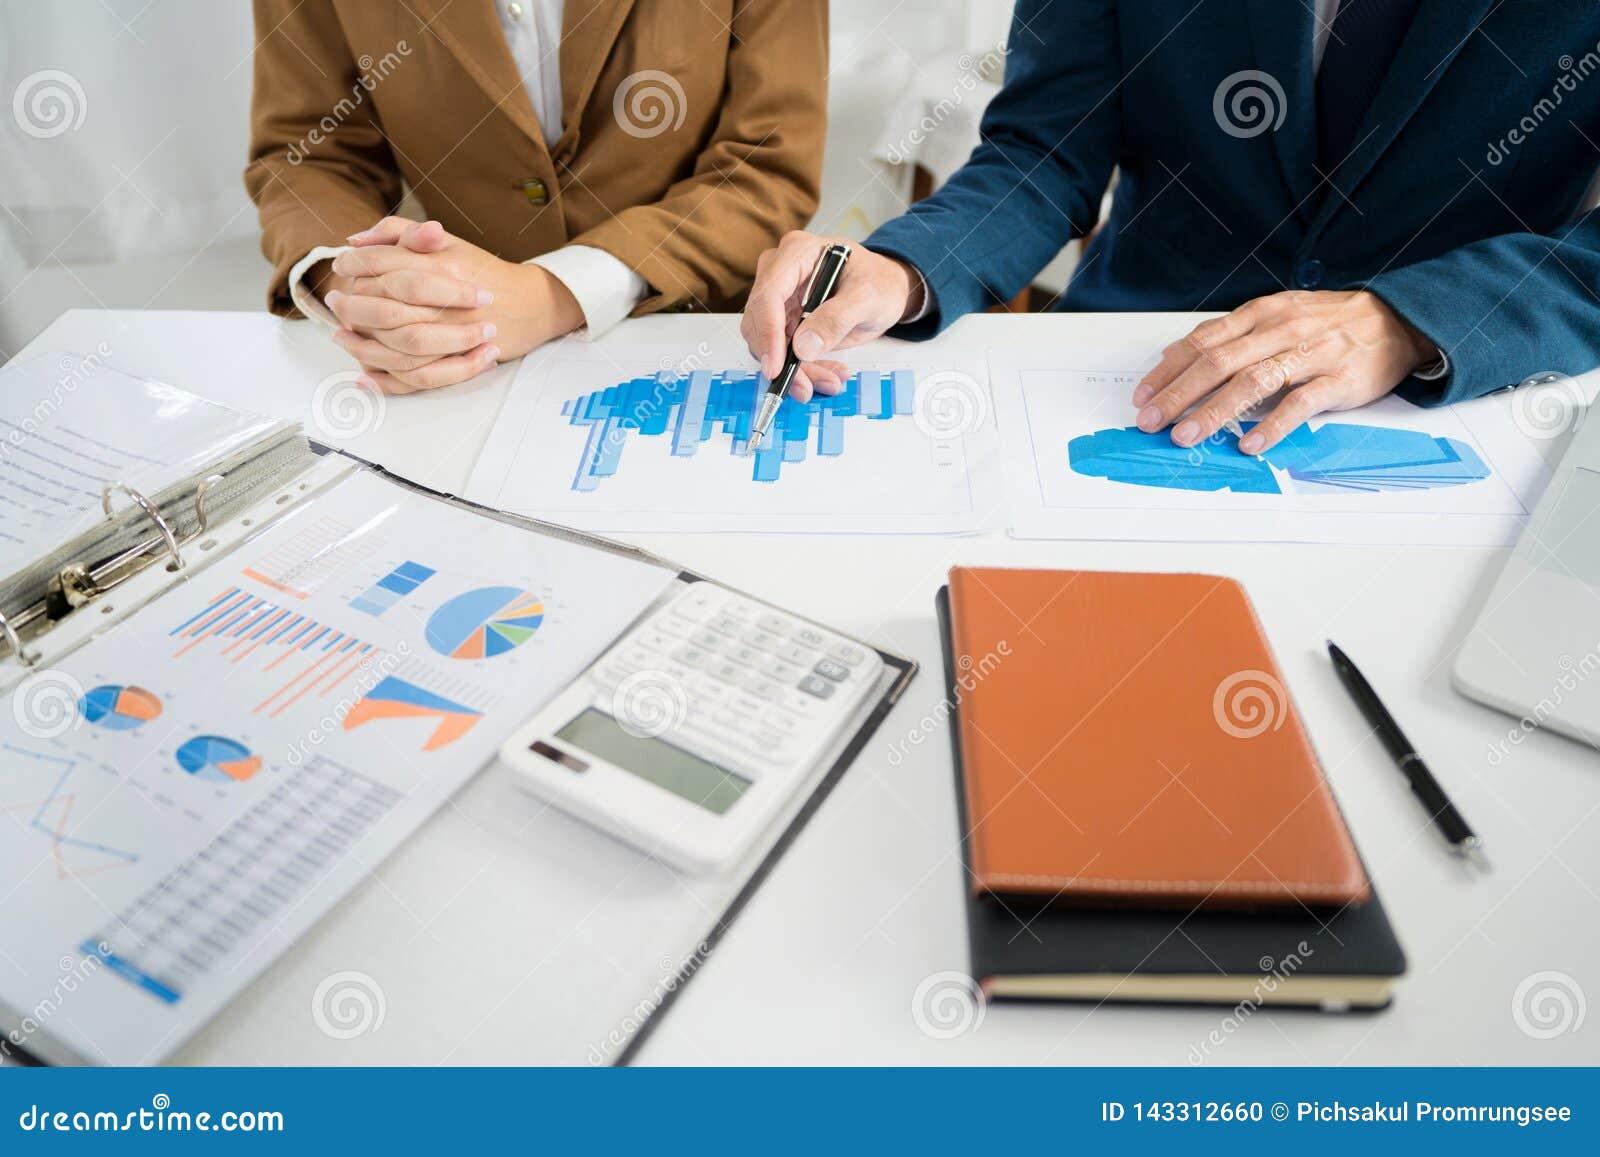 企业公司队激发灵感,有计划的战略研究与图的讨论分析投资在办公室